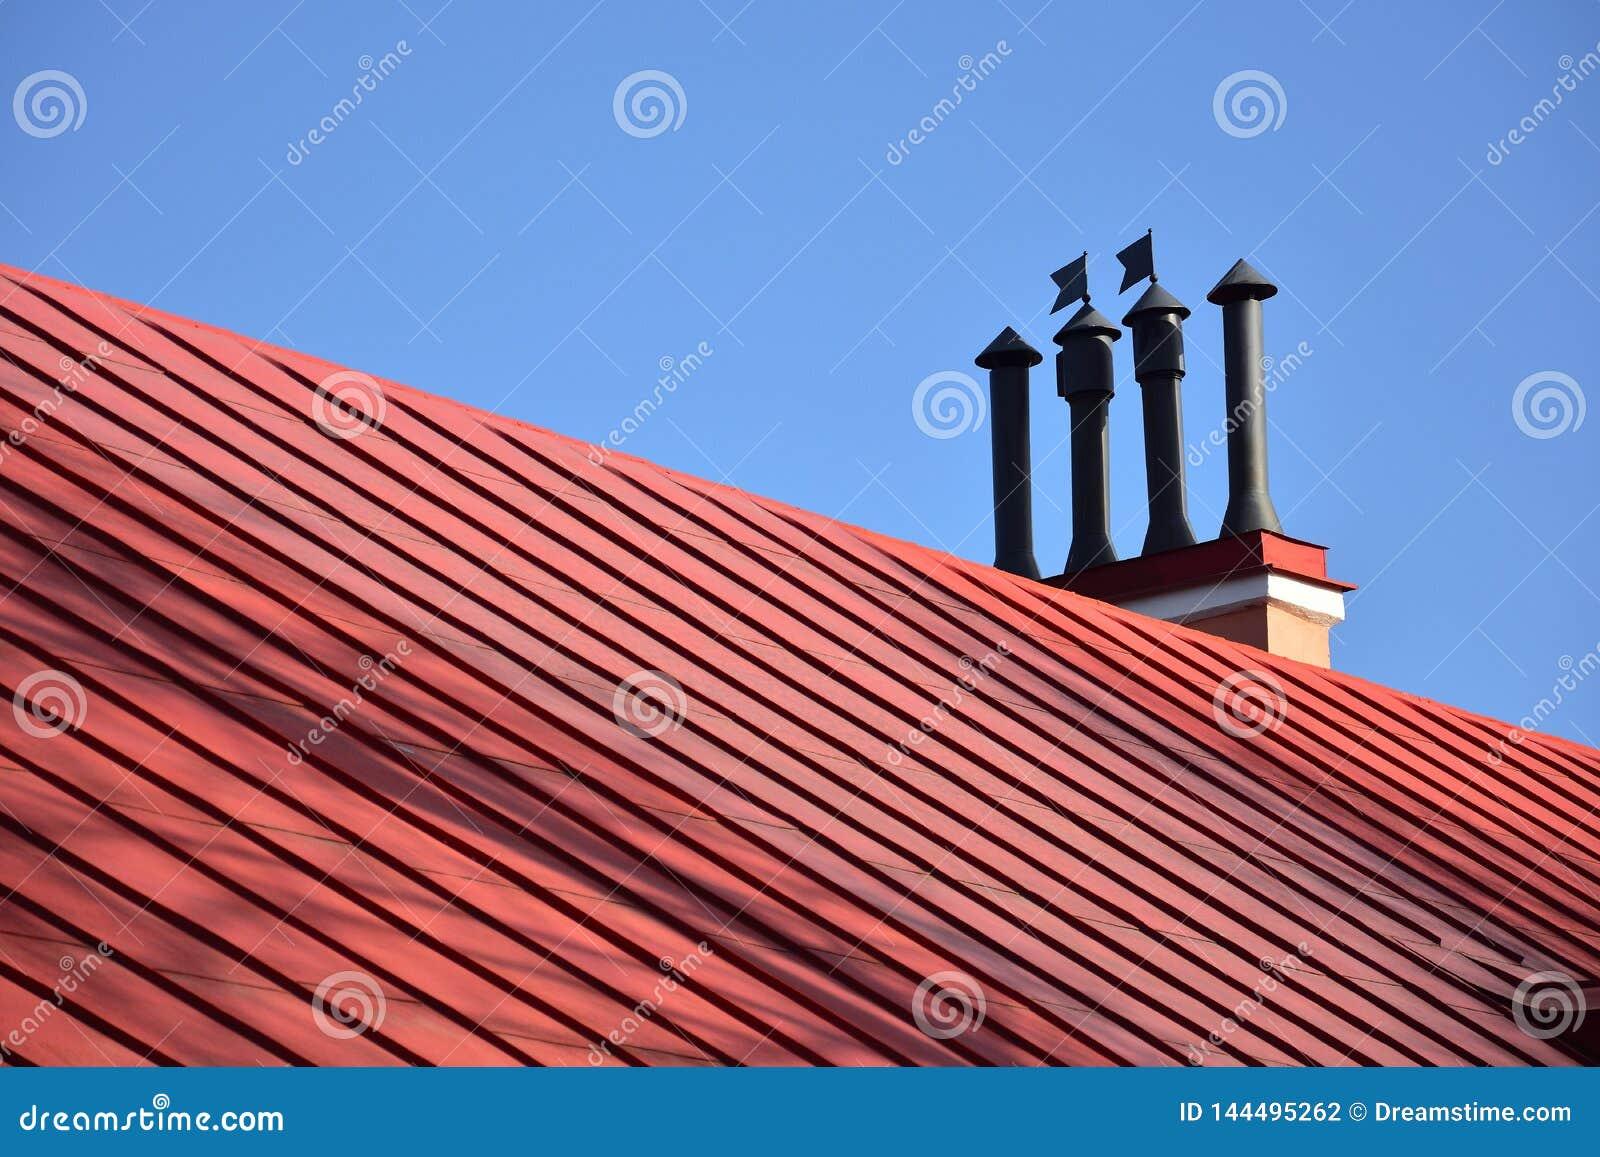 Cheminées en gros plan sur le toit et le ciel rouges